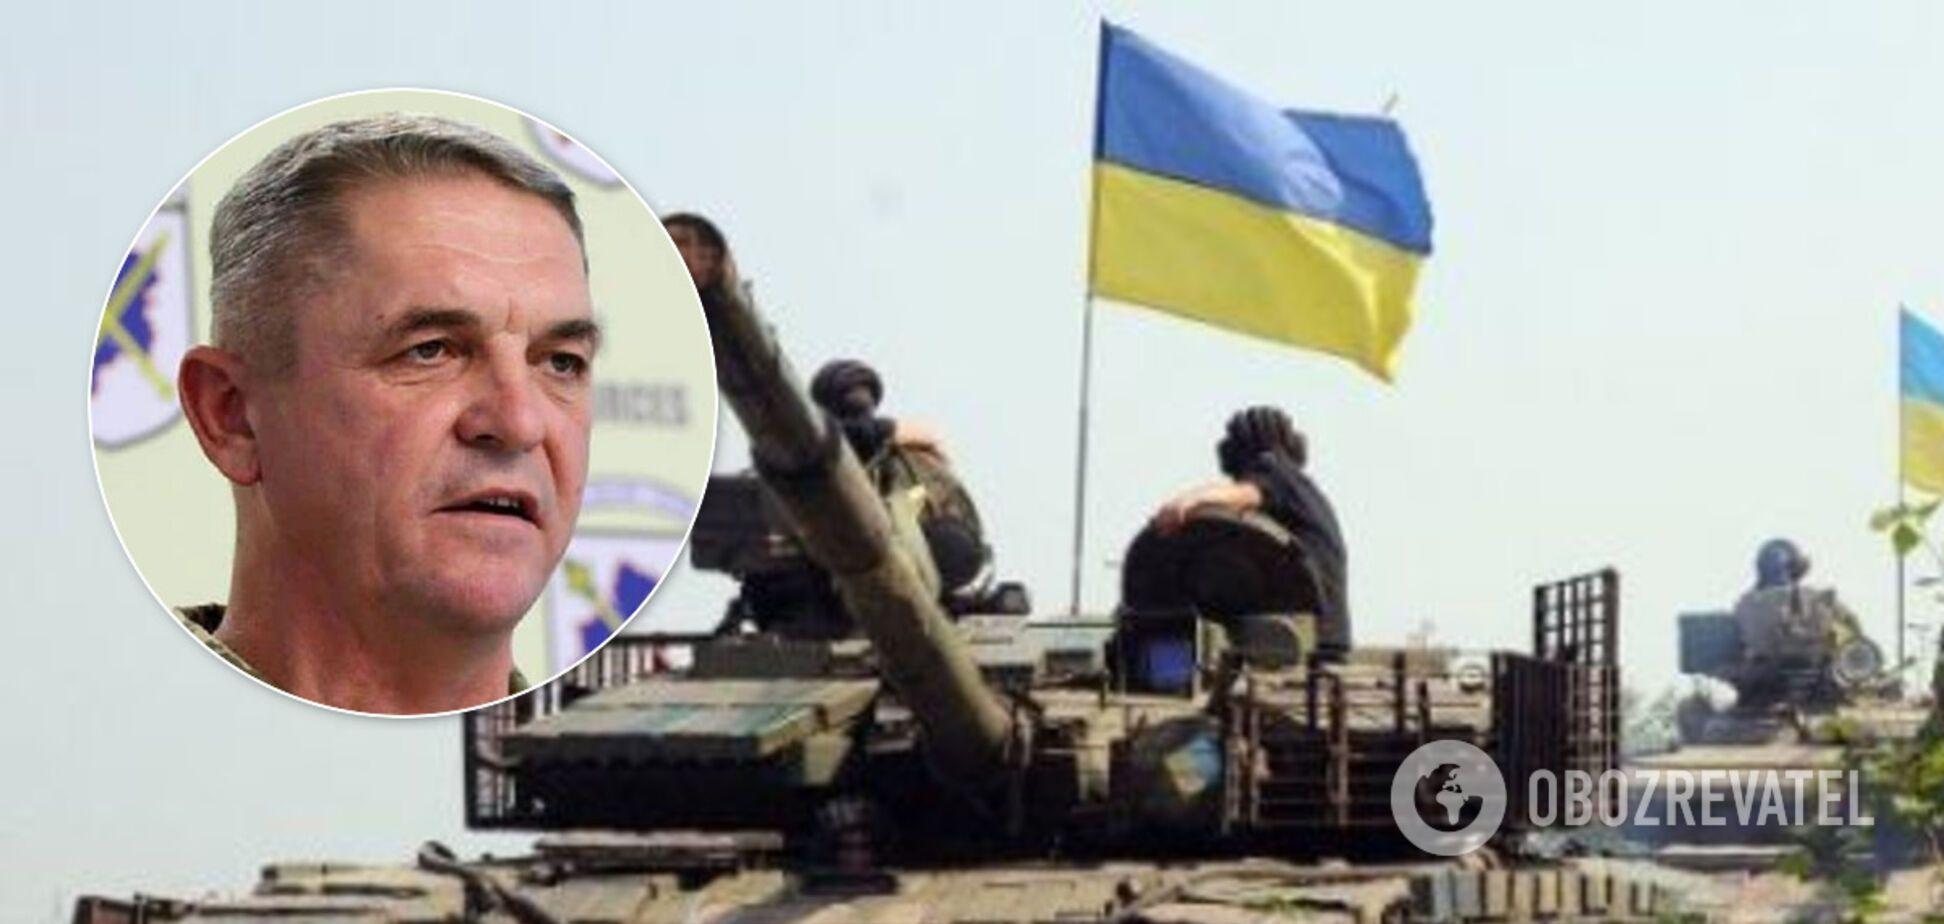 СМИ раскрыли детали гибели курсантов, где замешан полковник ВСУ